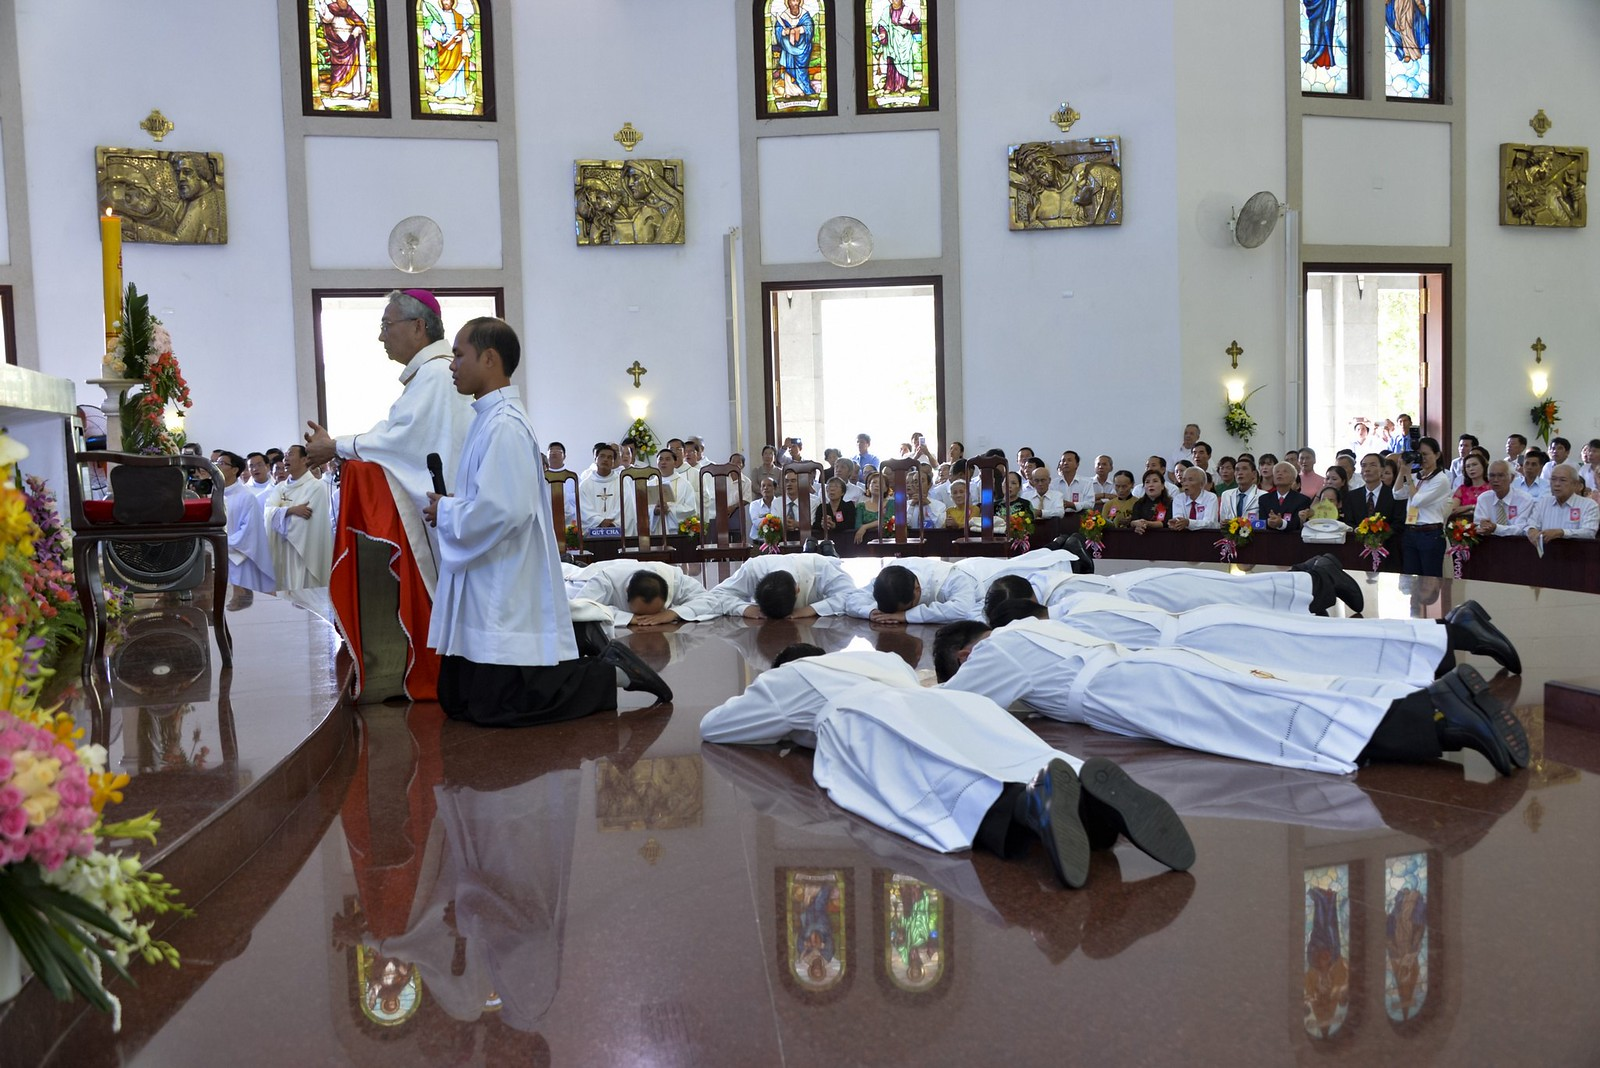 Giáo phận Bà Rịa: Thánh lễ Truyền chức Linh mục 2017 - Ảnh minh hoạ 14